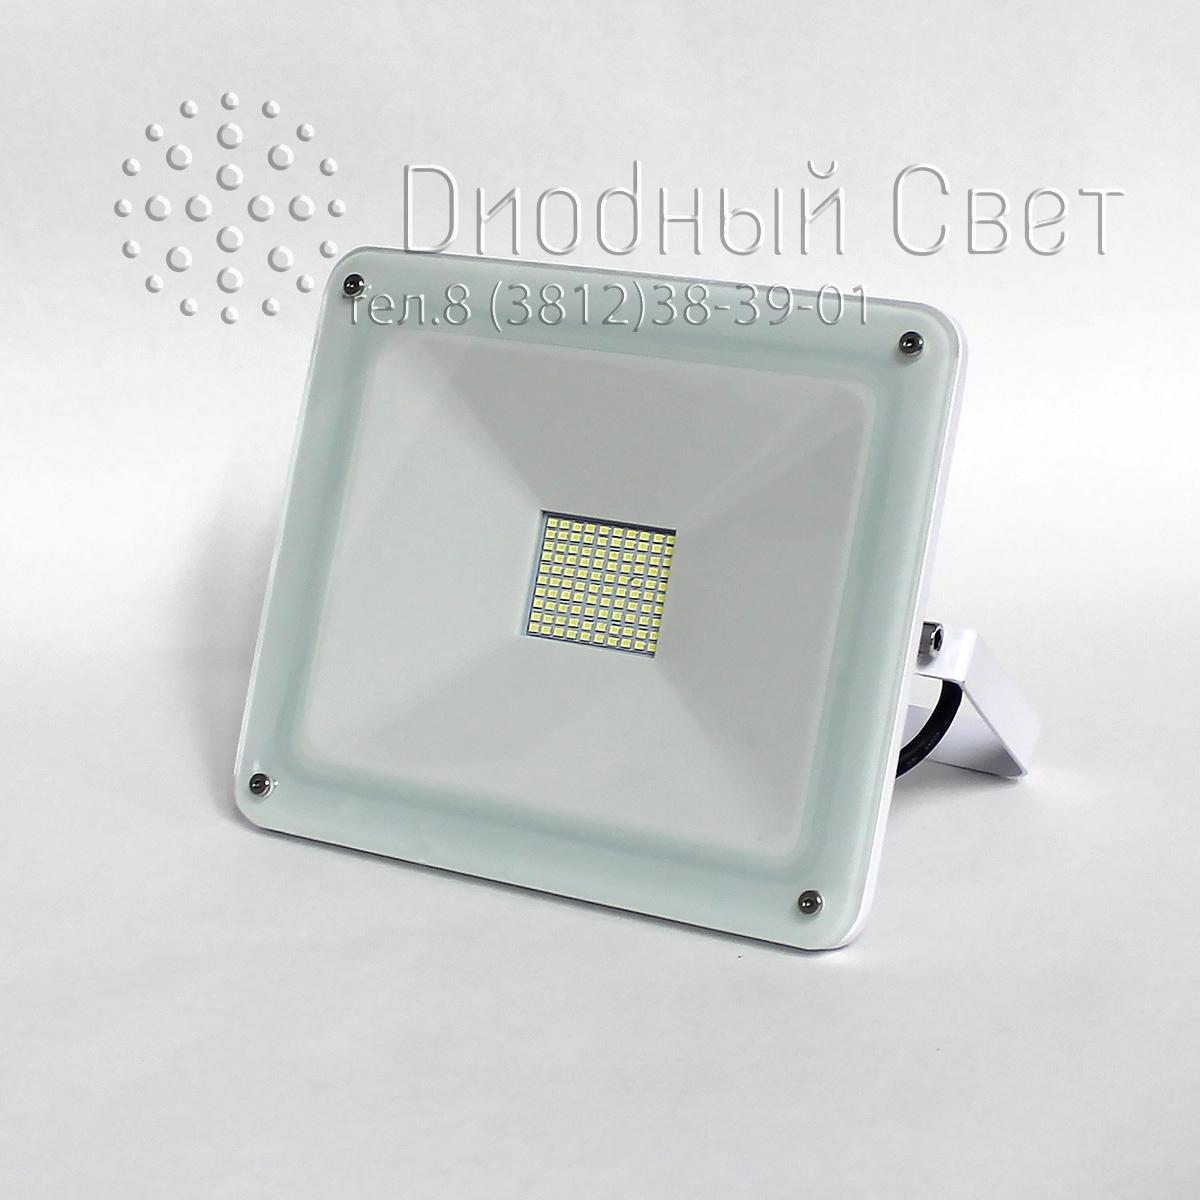 Виды прожекторов для наружного освещения и внутреннего